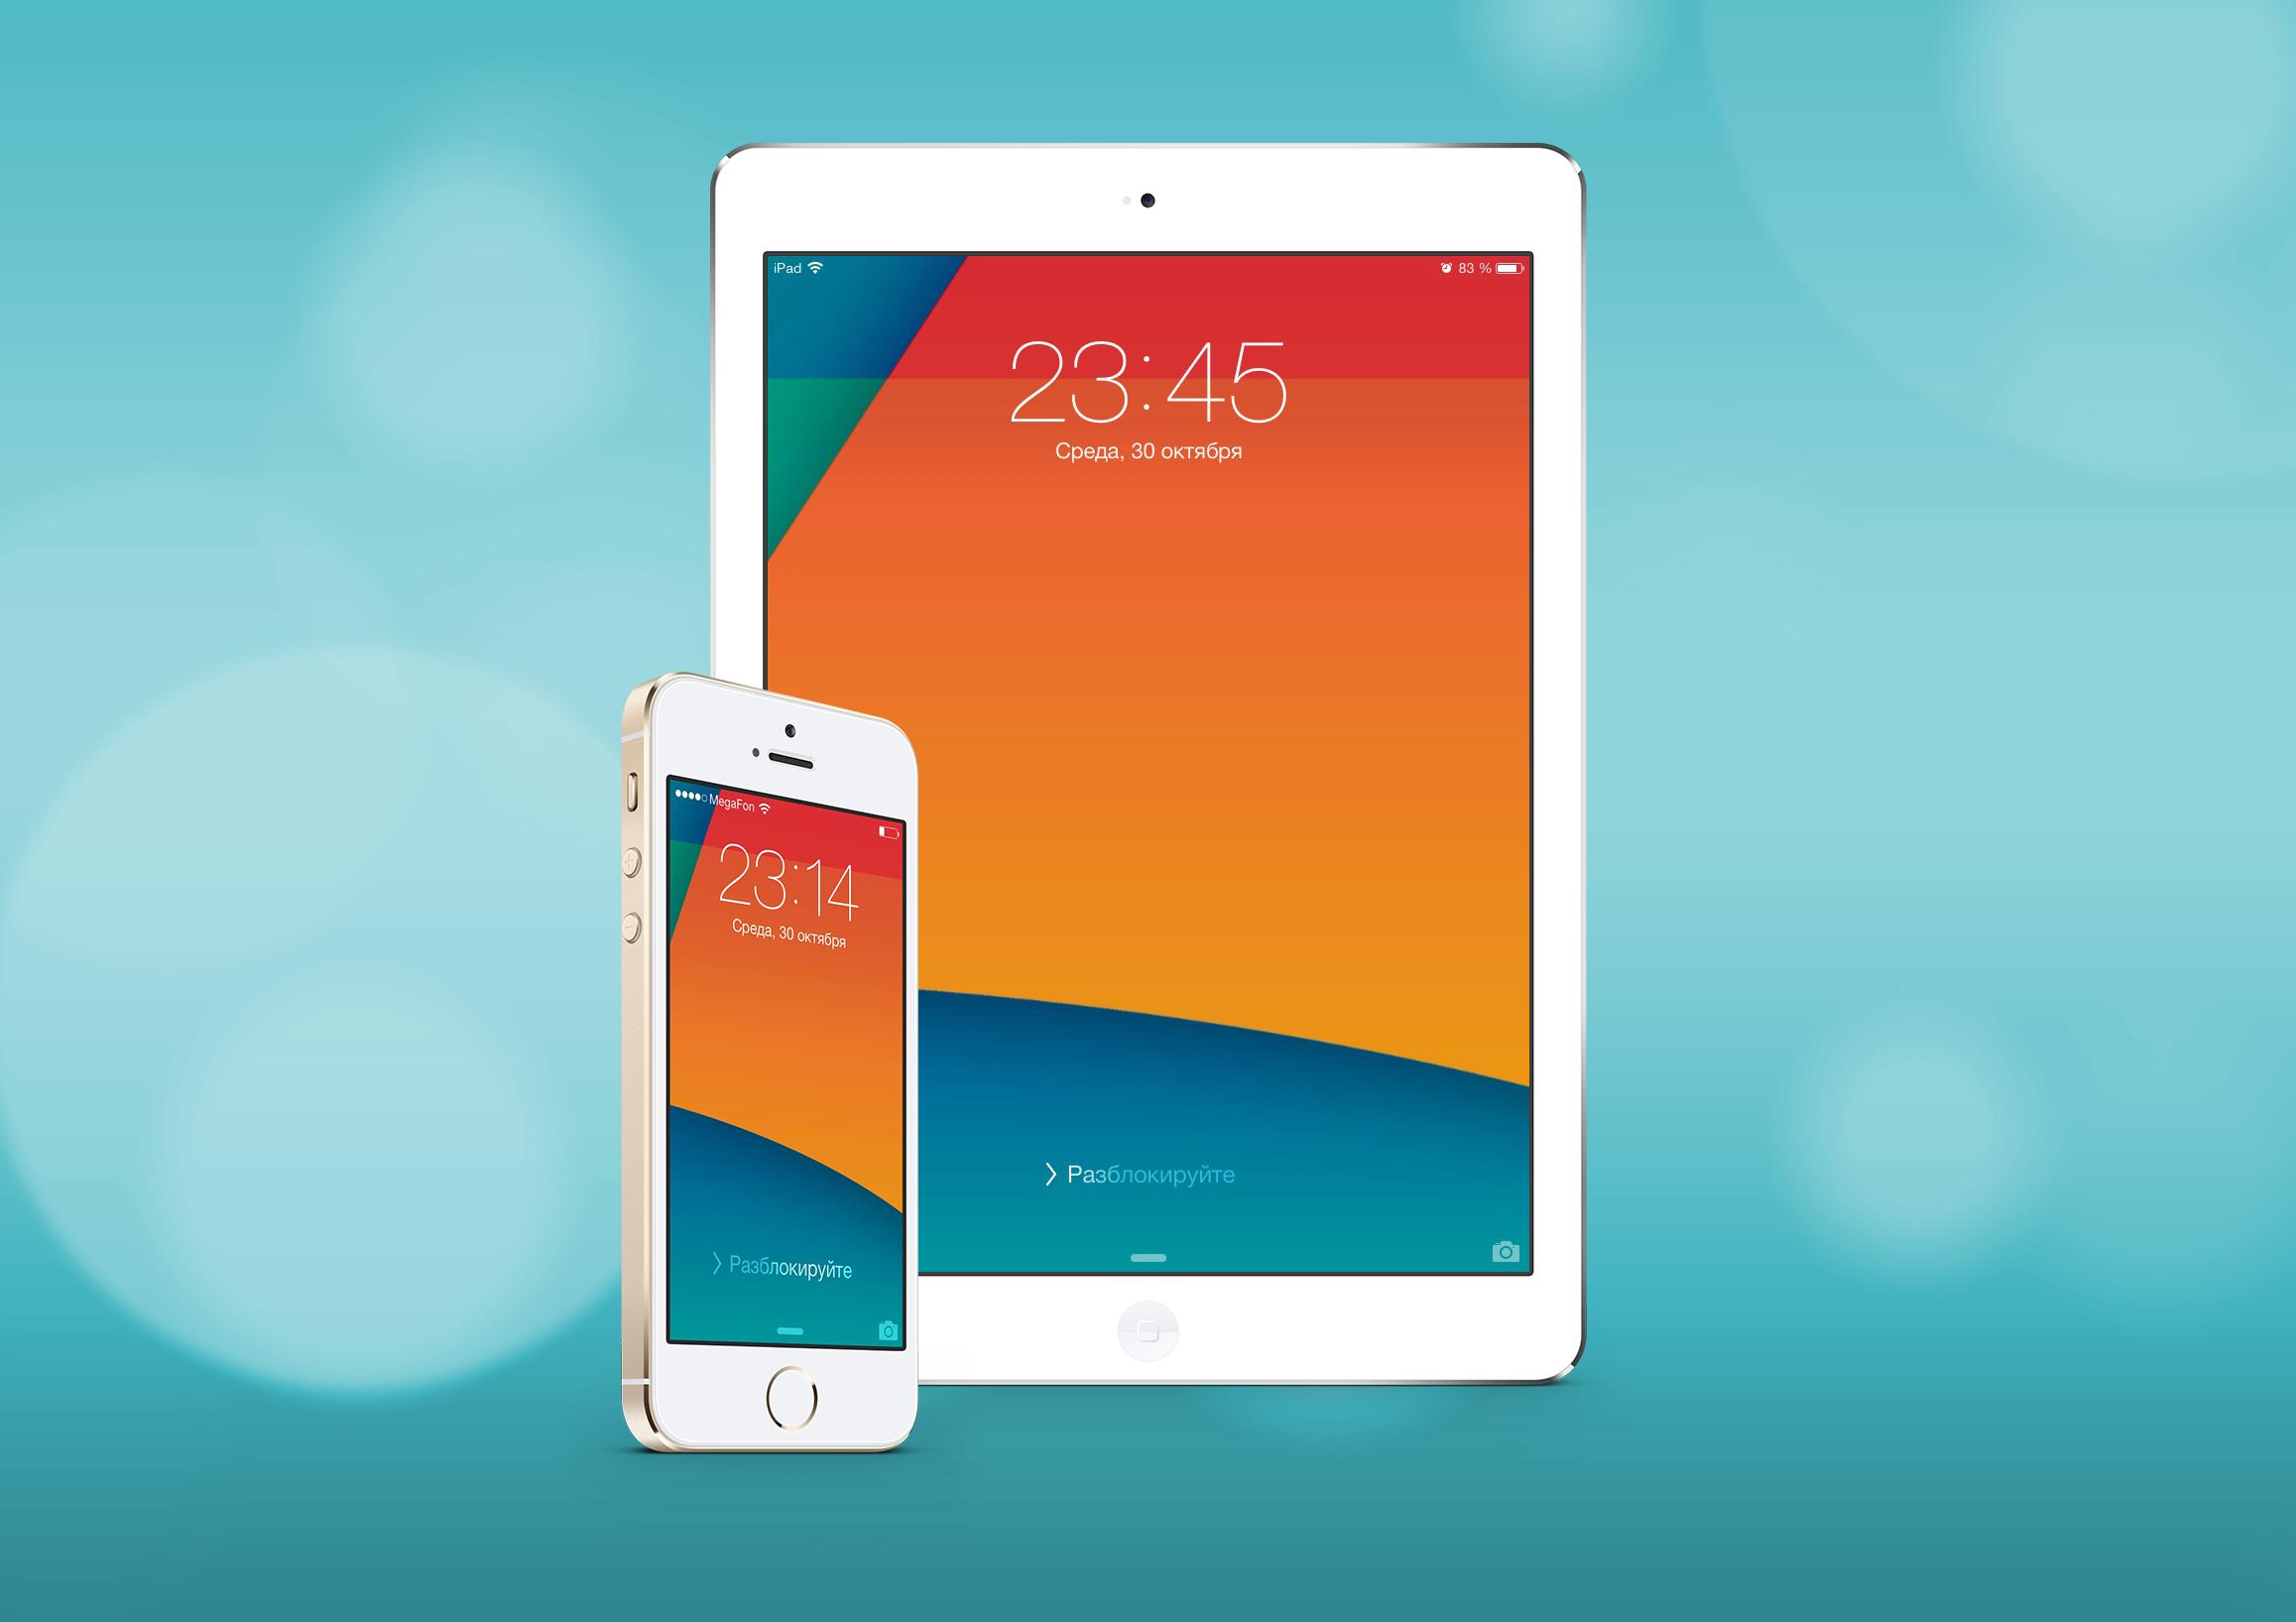 Los Mejores Wallpapers Para Iphone Y Ipad Ios 7 Mac